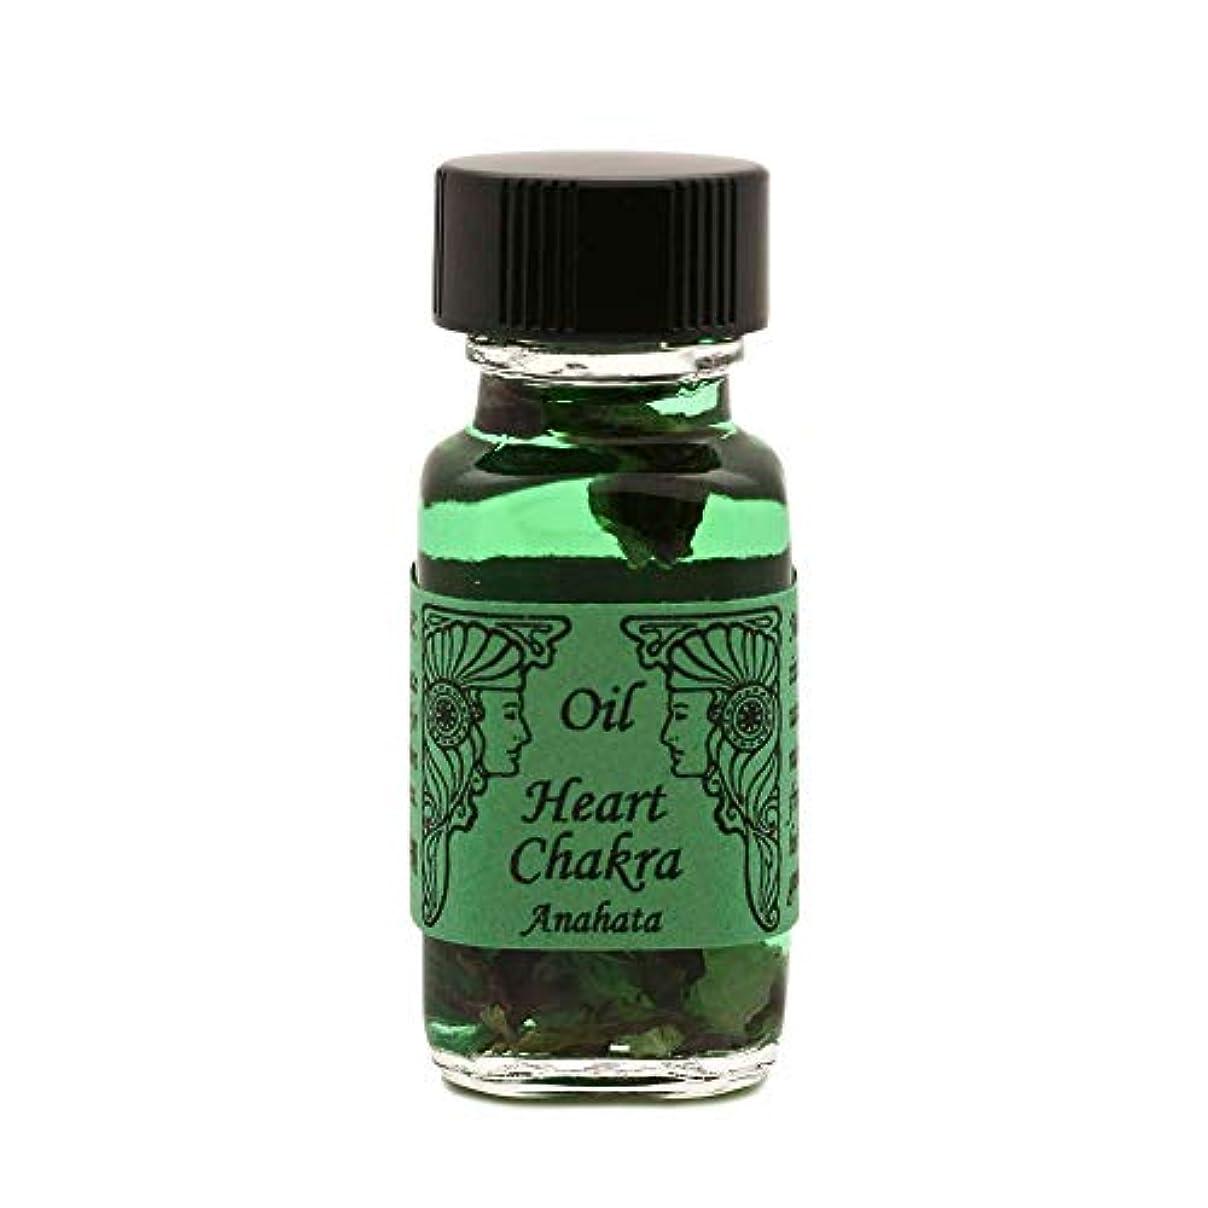 広告予想外自分のSEDONA Ancient Memory Oils セドナ アンシェントメモリーオイル Heart Chakra ハート チャクラ 15ml